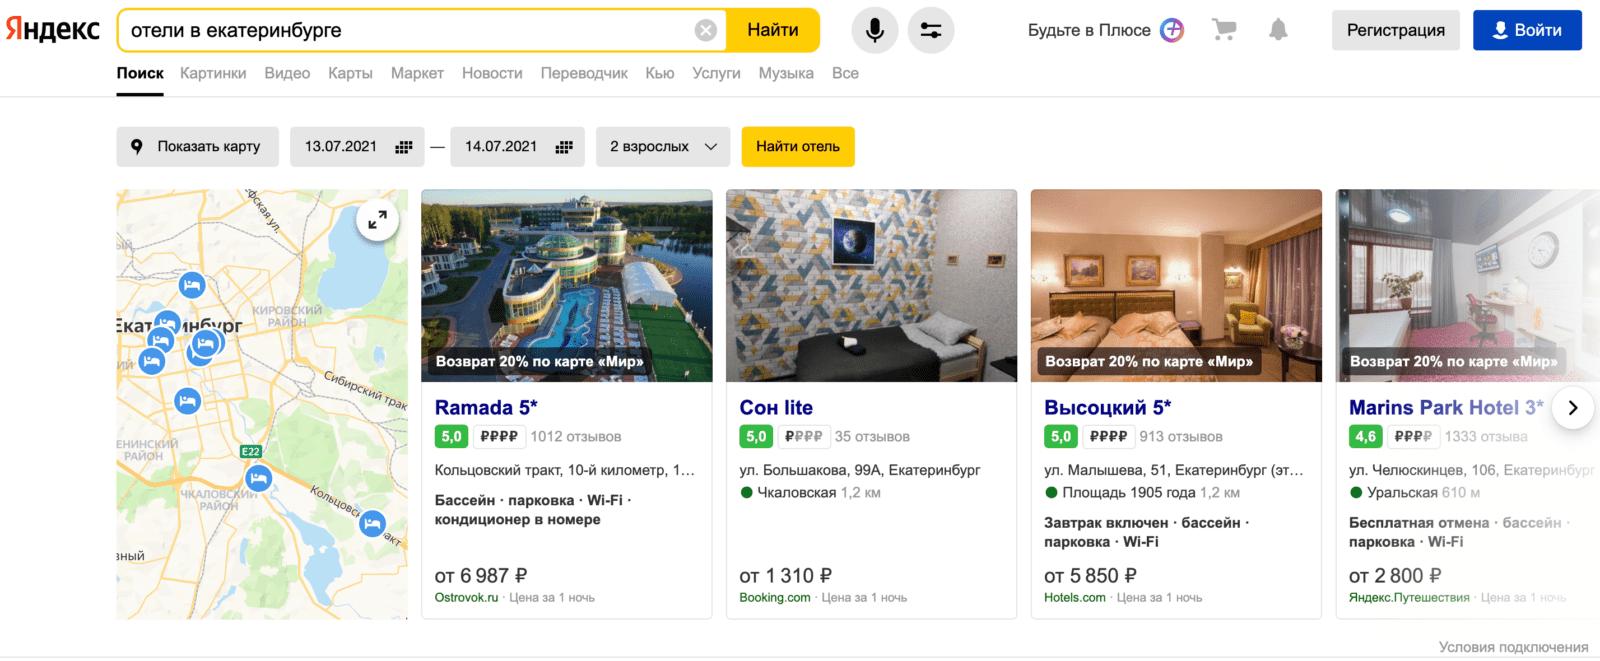 Яндекс запустил универсальные обогащённые ответы (orig)